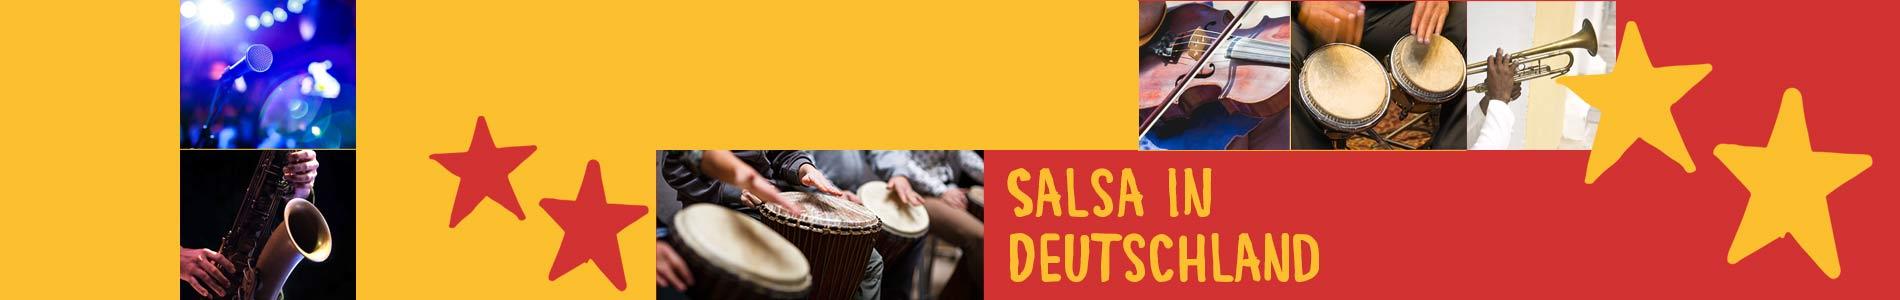 Salsa in Dahme – Salsa lernen und tanzen, Tanzkurse, Partys, Veranstaltungen